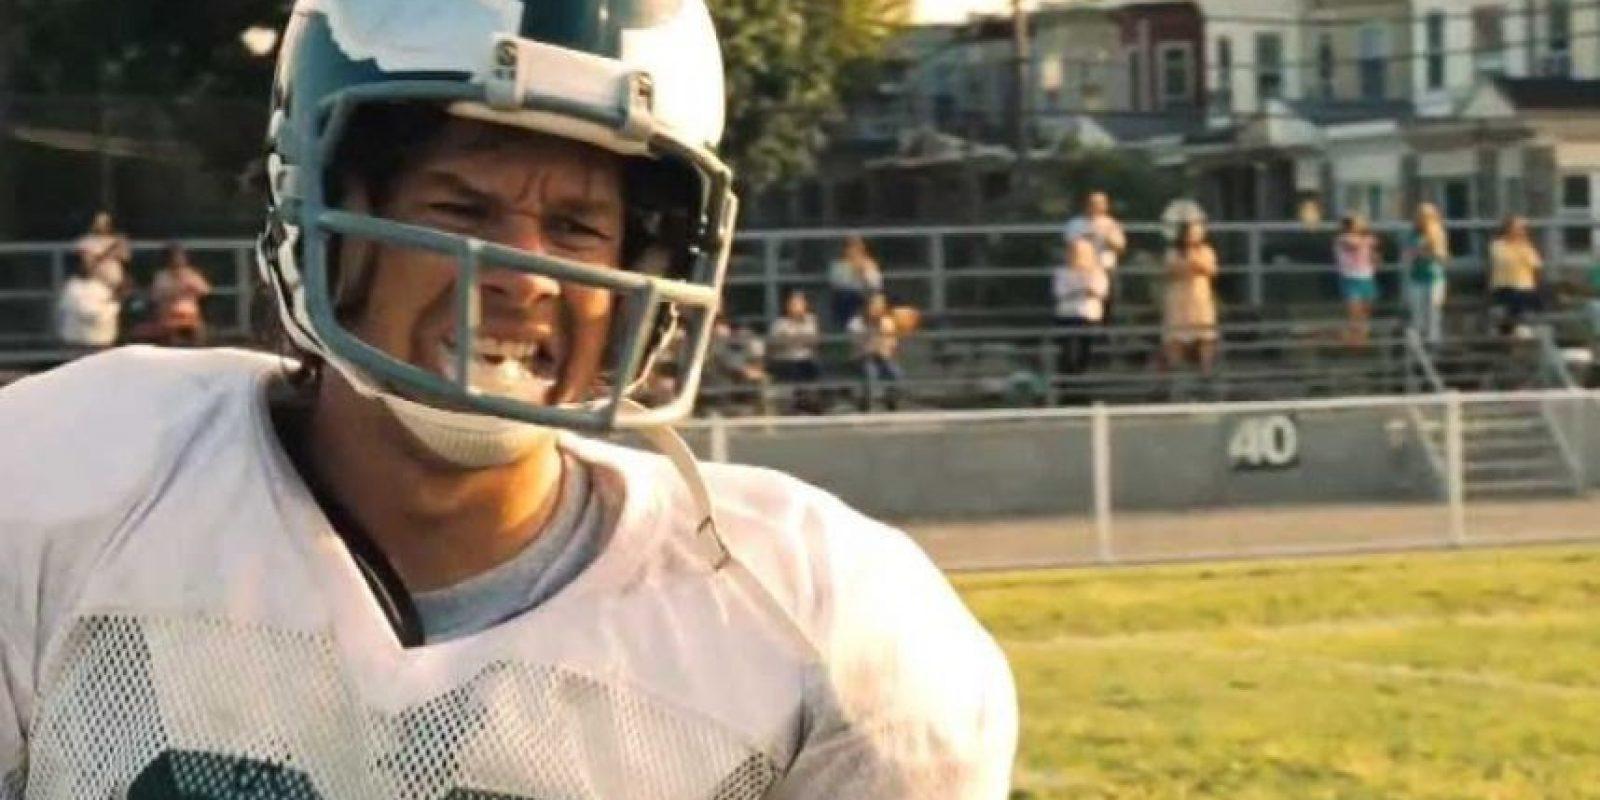 Es la historia de Vince Papale, quien en 1976 tenía 30 años y trabajaba en un bar, aunque su pasión siempre fue el fútbol americano. Un día se presentó la oportunidad de hacer prueba en las Águilas de Filadelfía, donde debe enfrentar muchos retos con sus compañeros para cumplir su sueño de jugar en la NFL. Foto:Disney Pictures